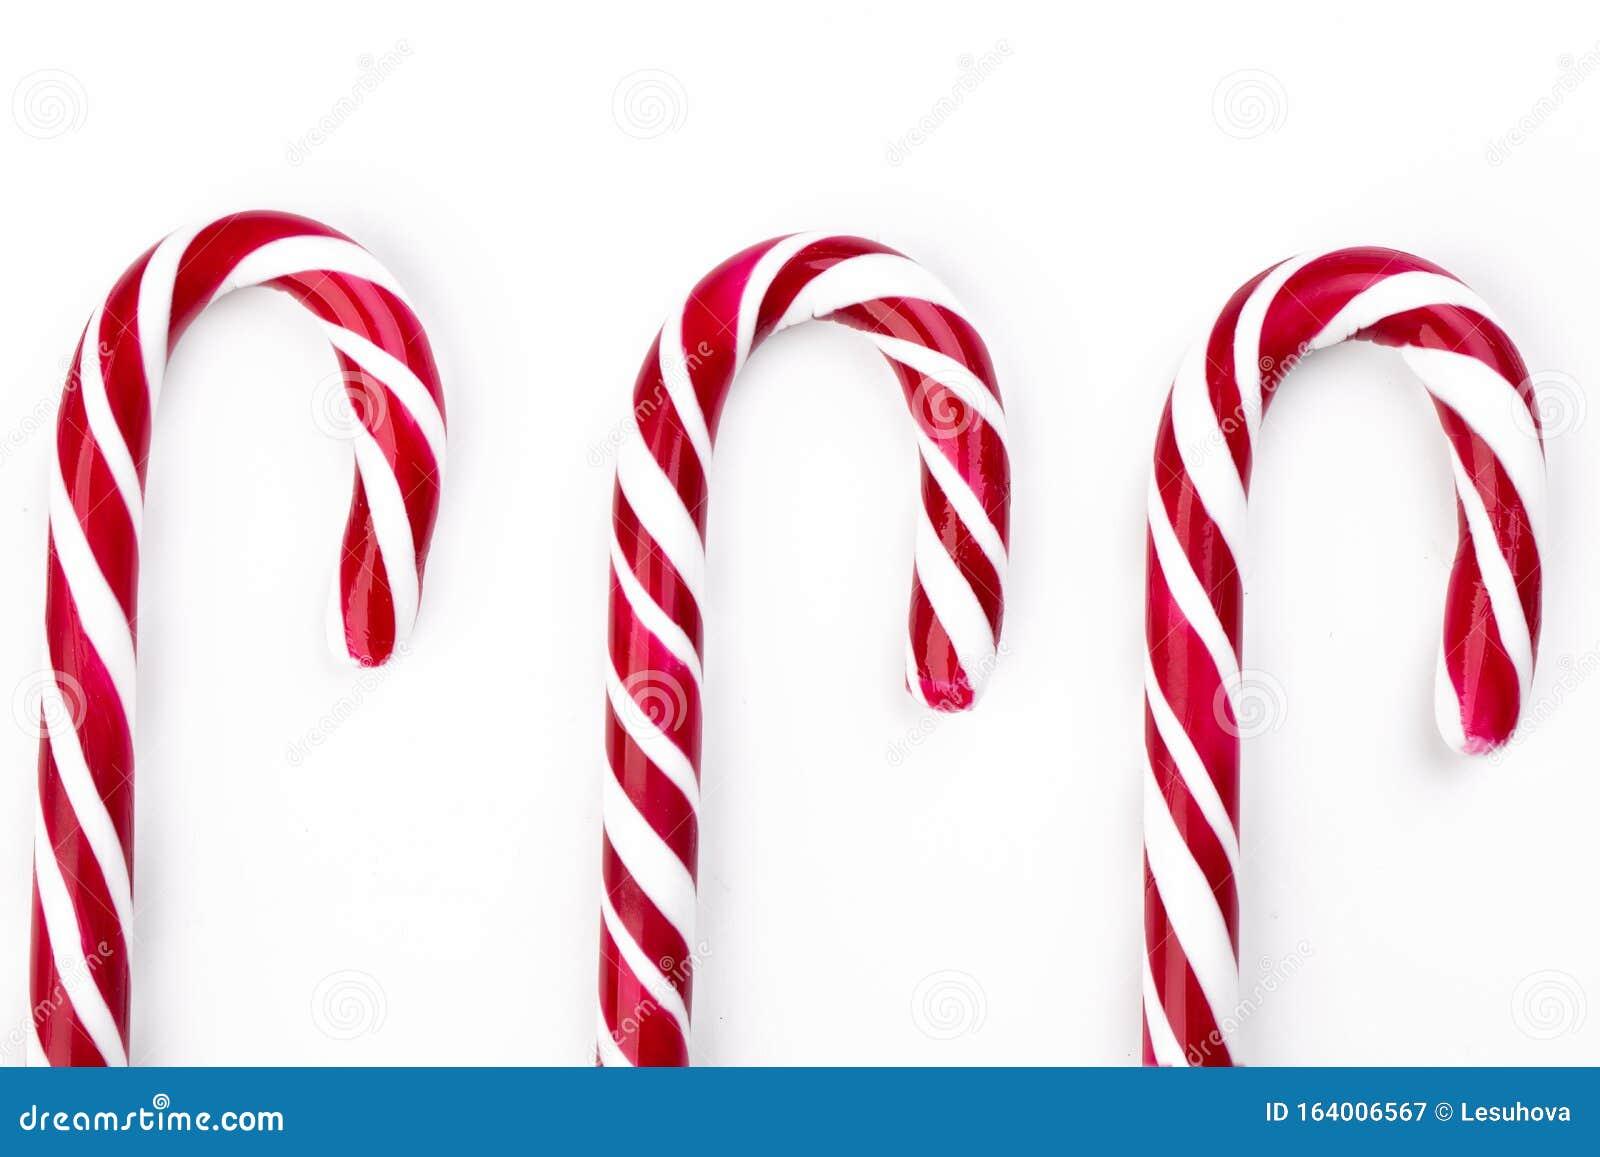 13 Strip Red Christmas Candy Canes Stockbild   Bild von zucker, noel ...